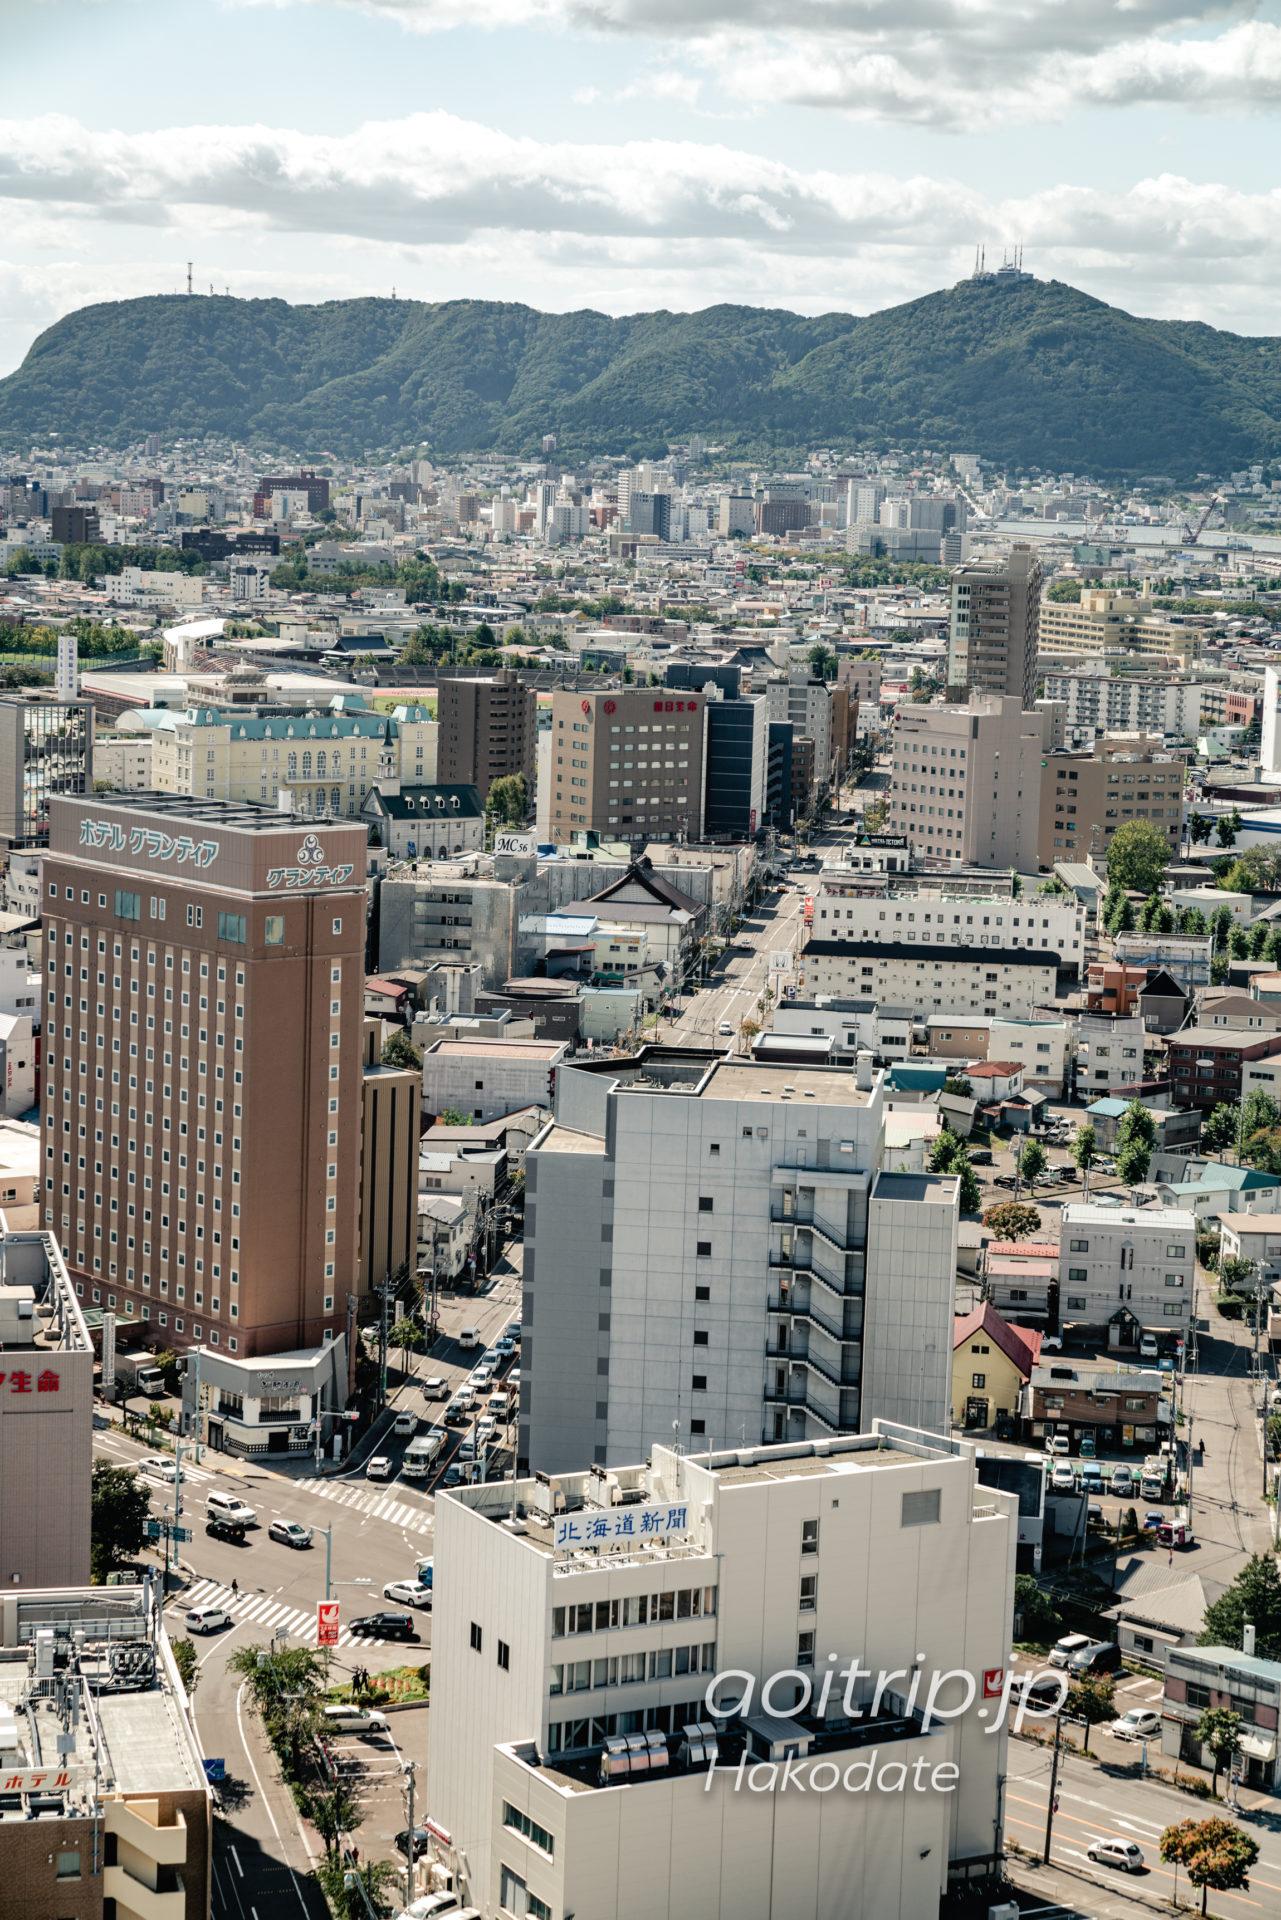 五稜郭タワーからの眺望 函館山